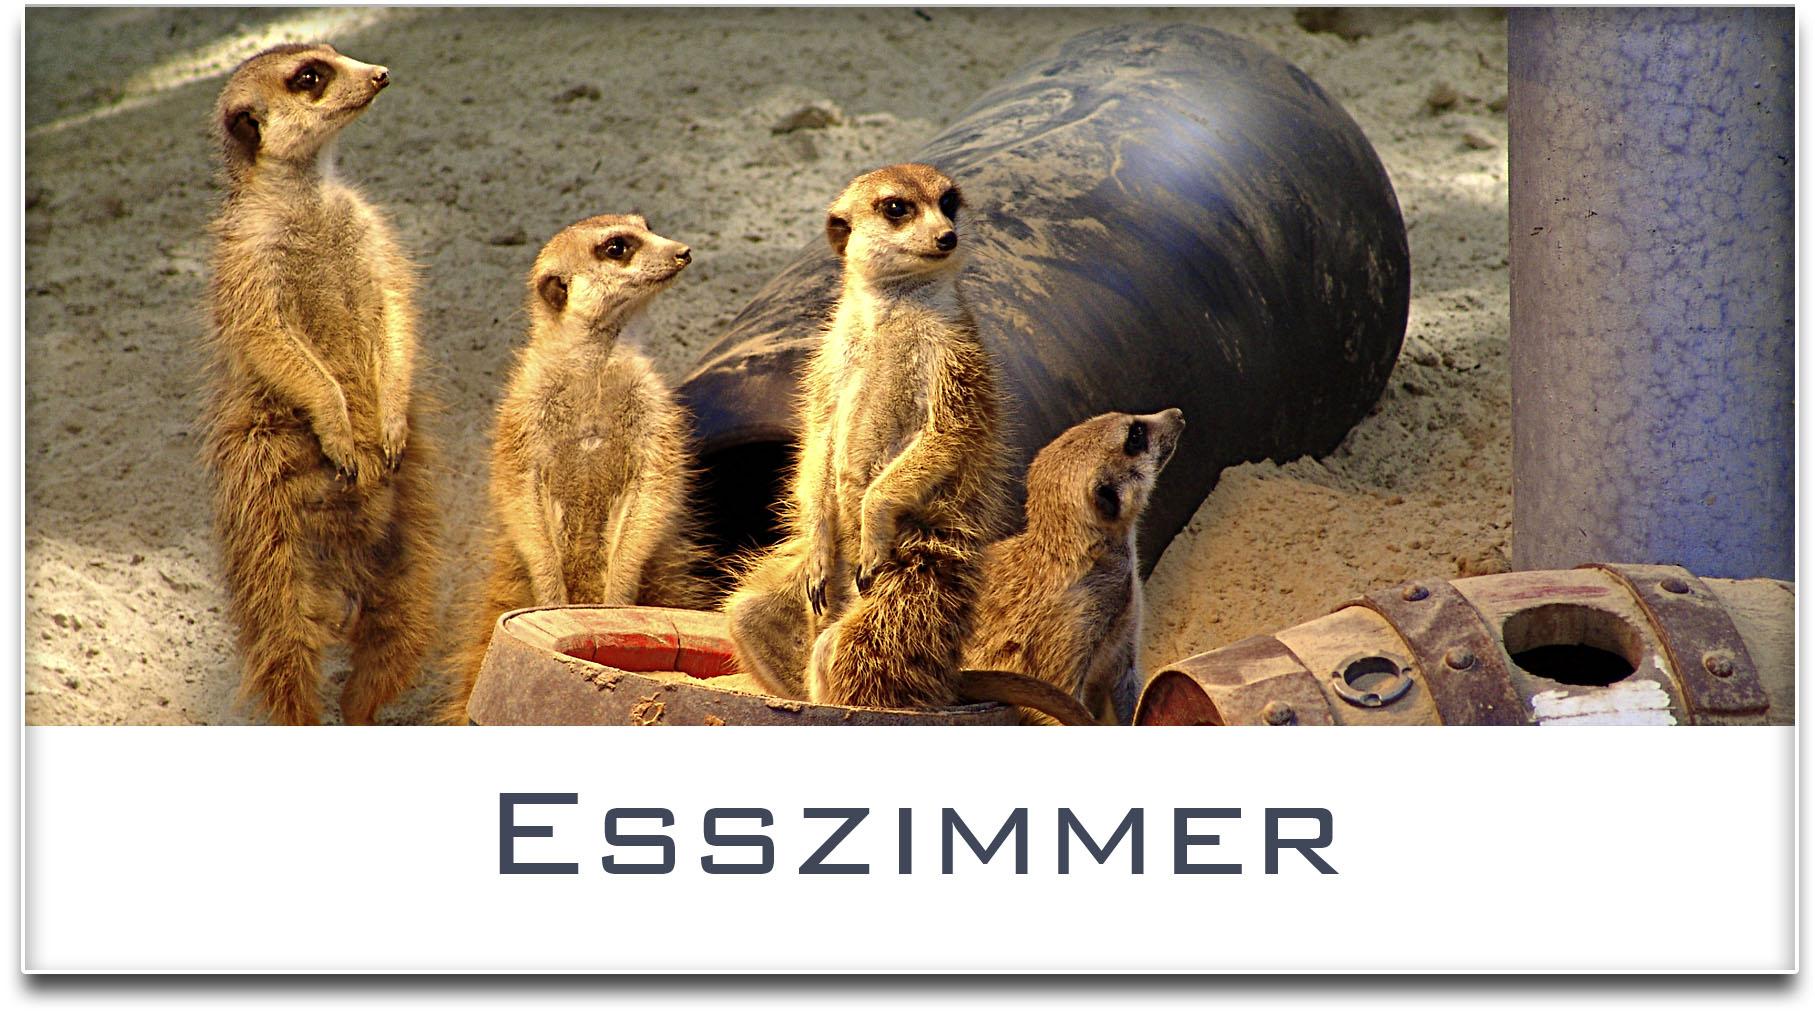 Türschild / Haustürschild / Erdmännchen / Esszimmer / Selbstklebend